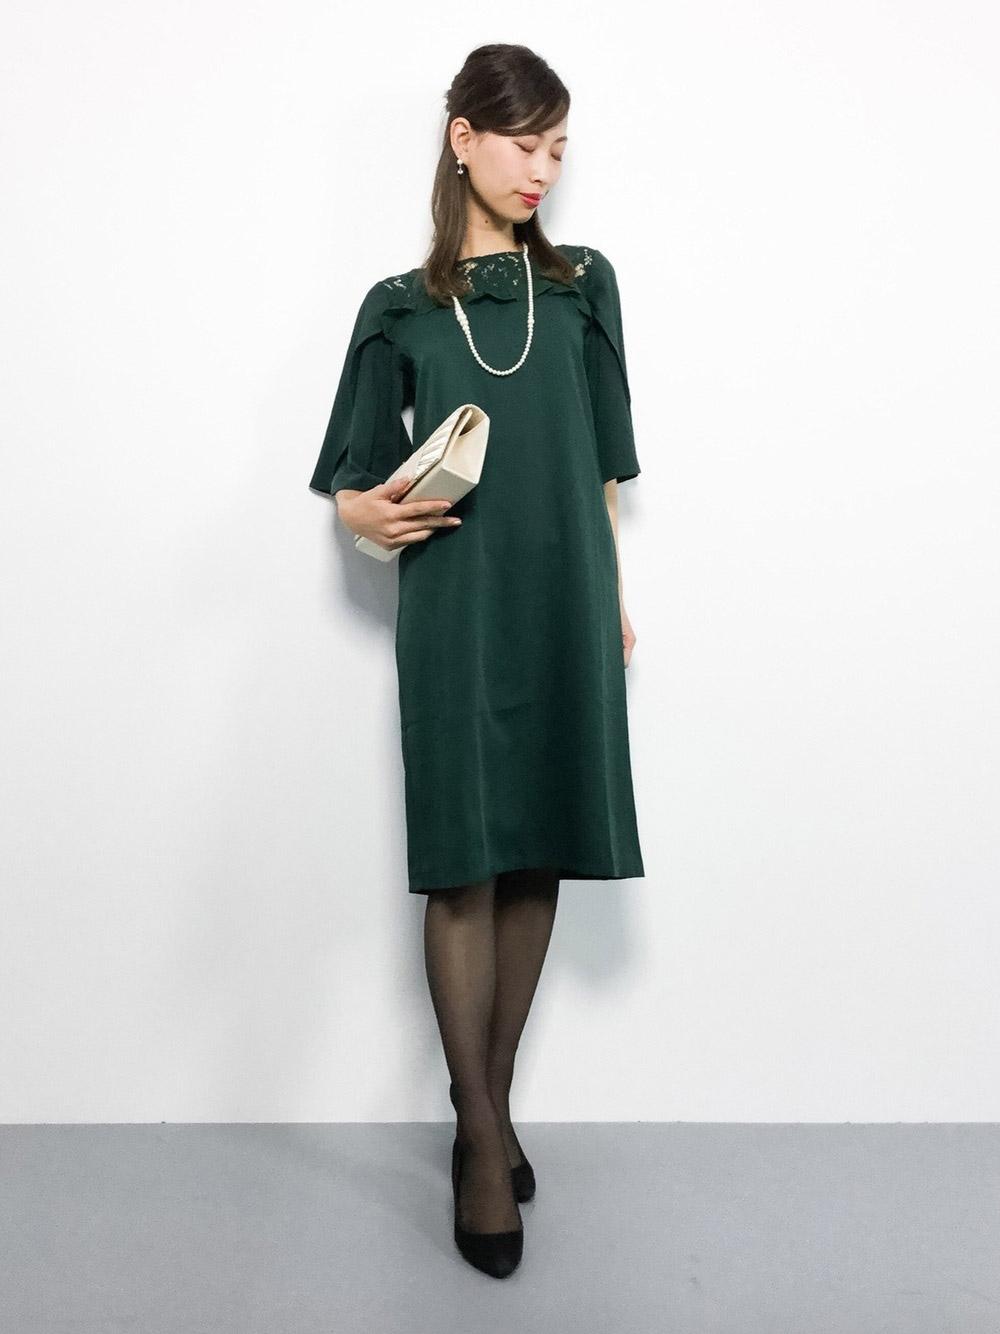 グリーンの膝丈ワンピースドレス